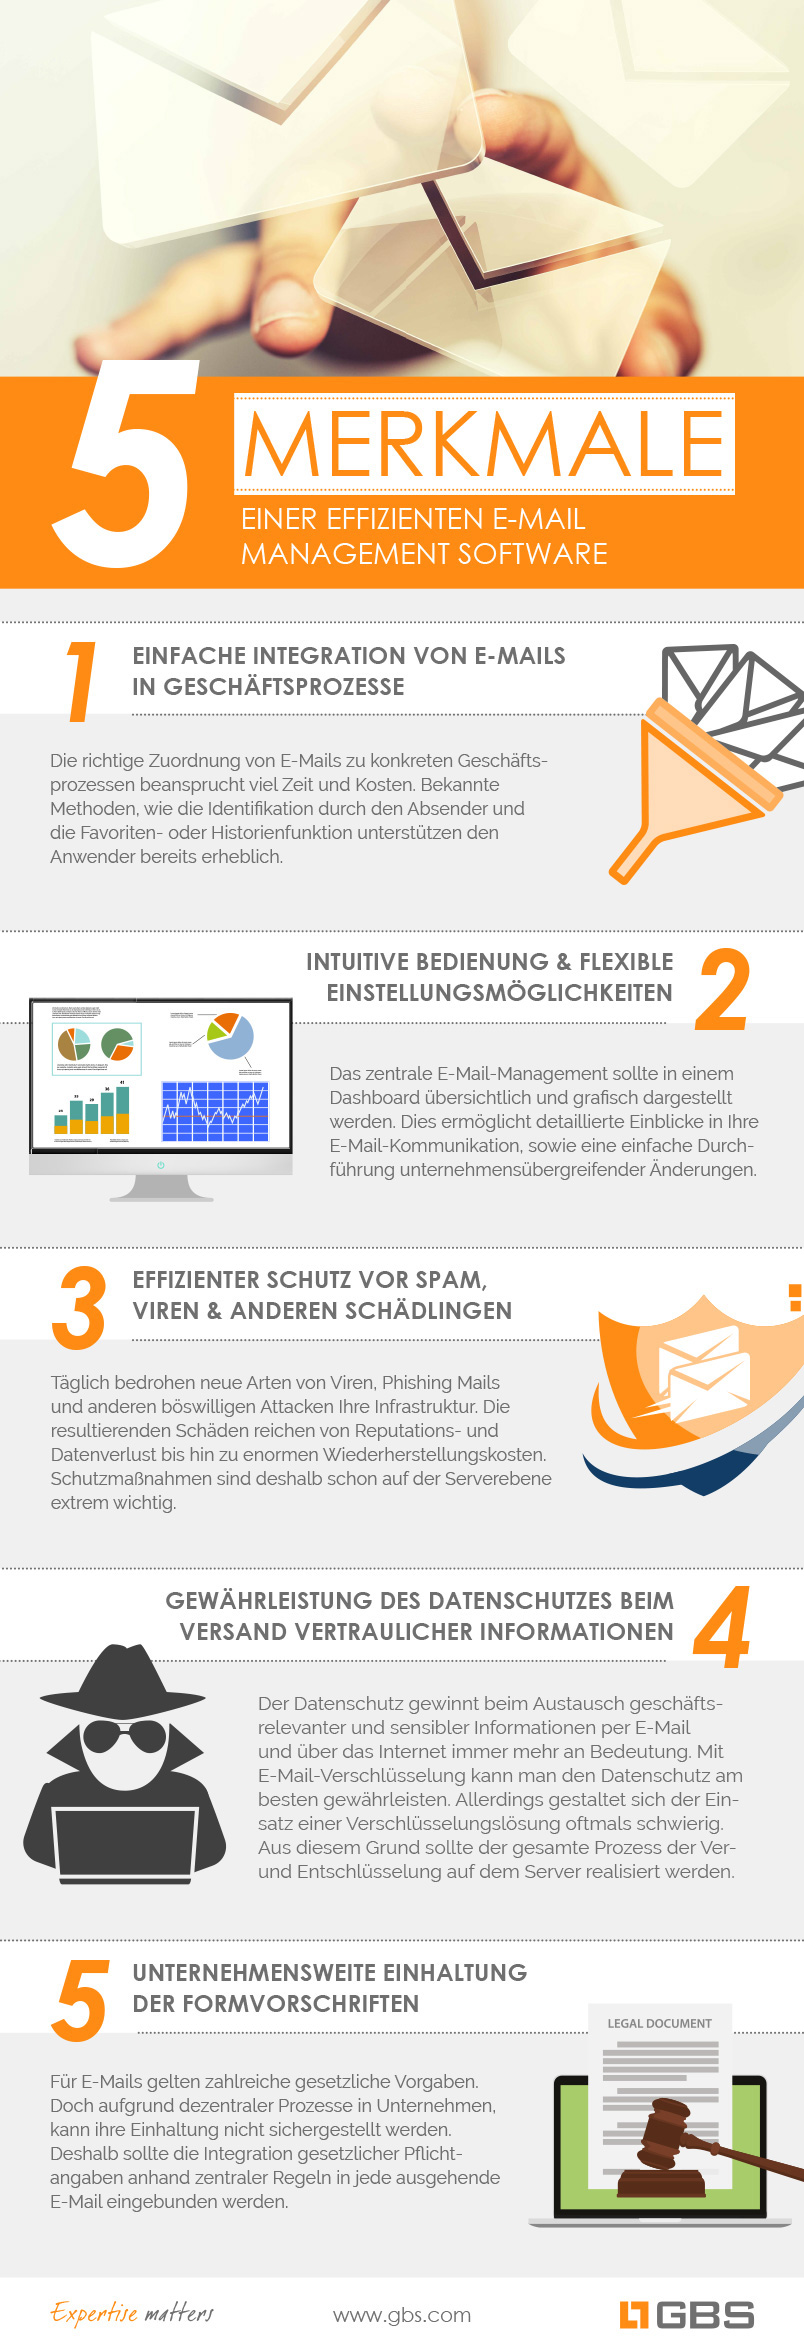 Infografik: Effiziente E-Mail-Management-Lösung